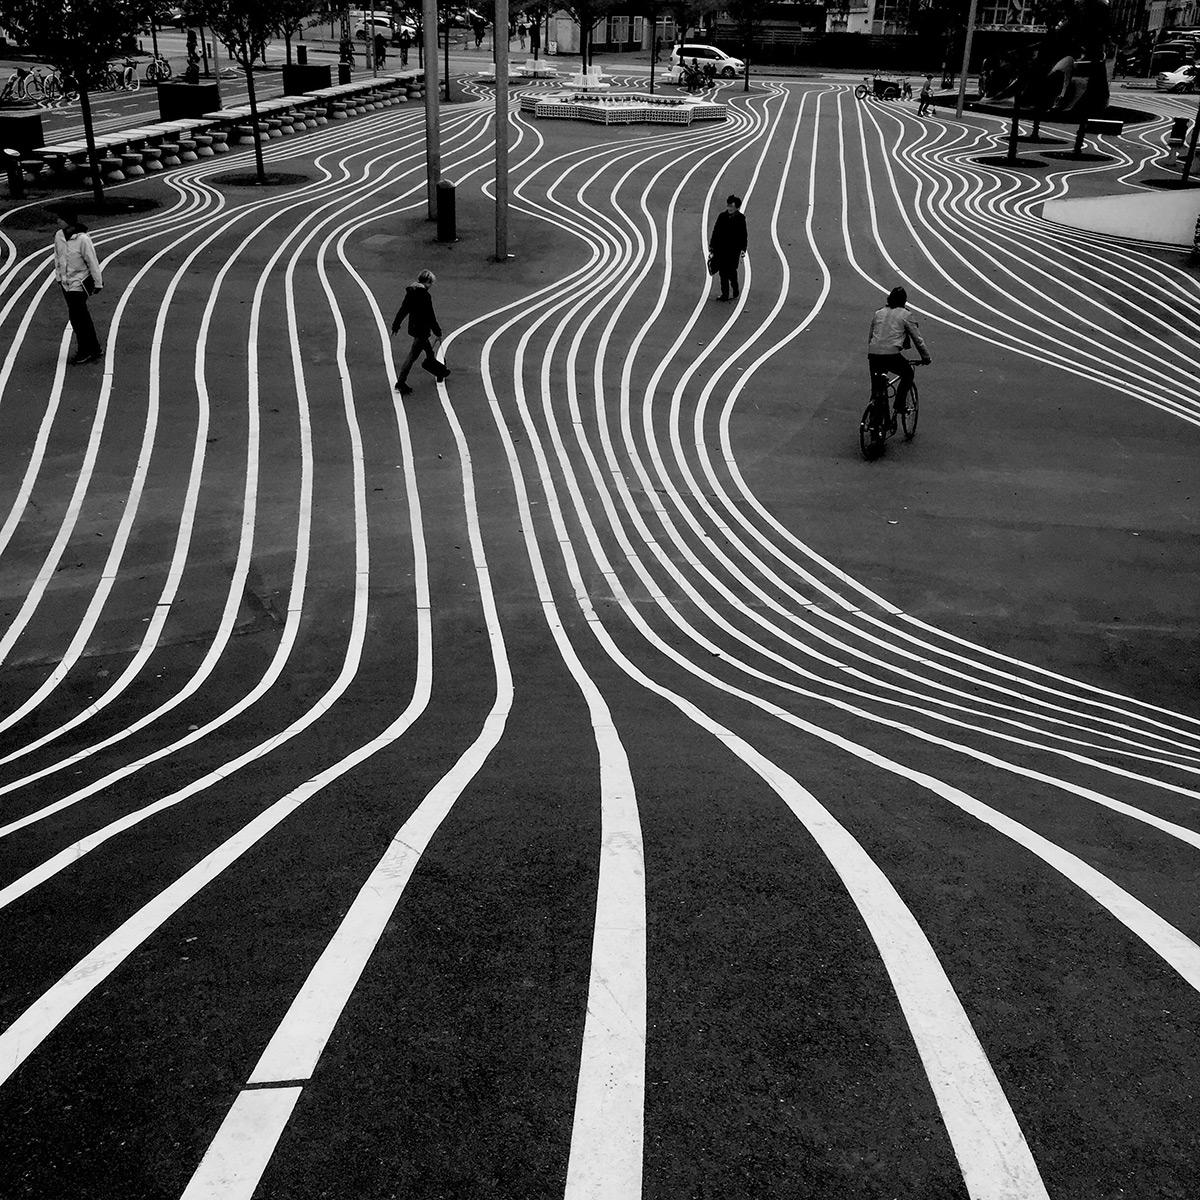 Снимок полосатой дороги на Iphone